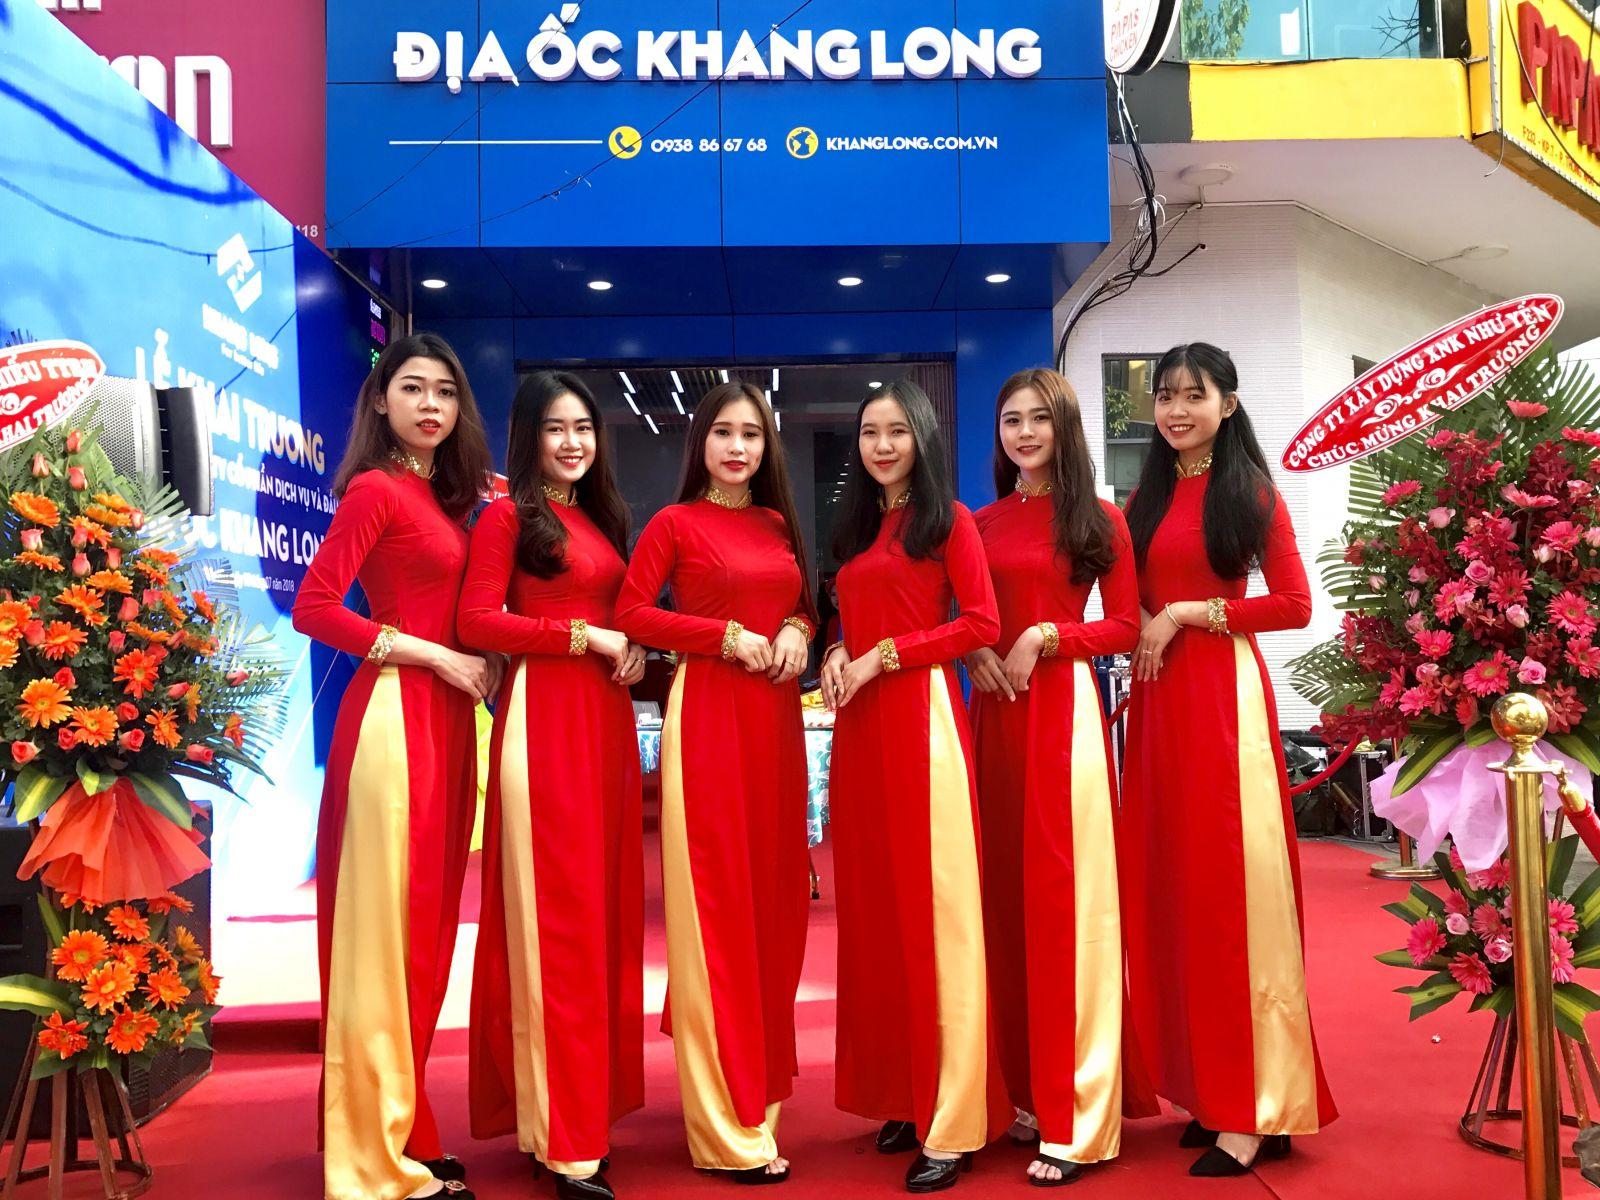 Tổ chức Lễ khai trương chi nhánh công ty Địa ốc Khang Long